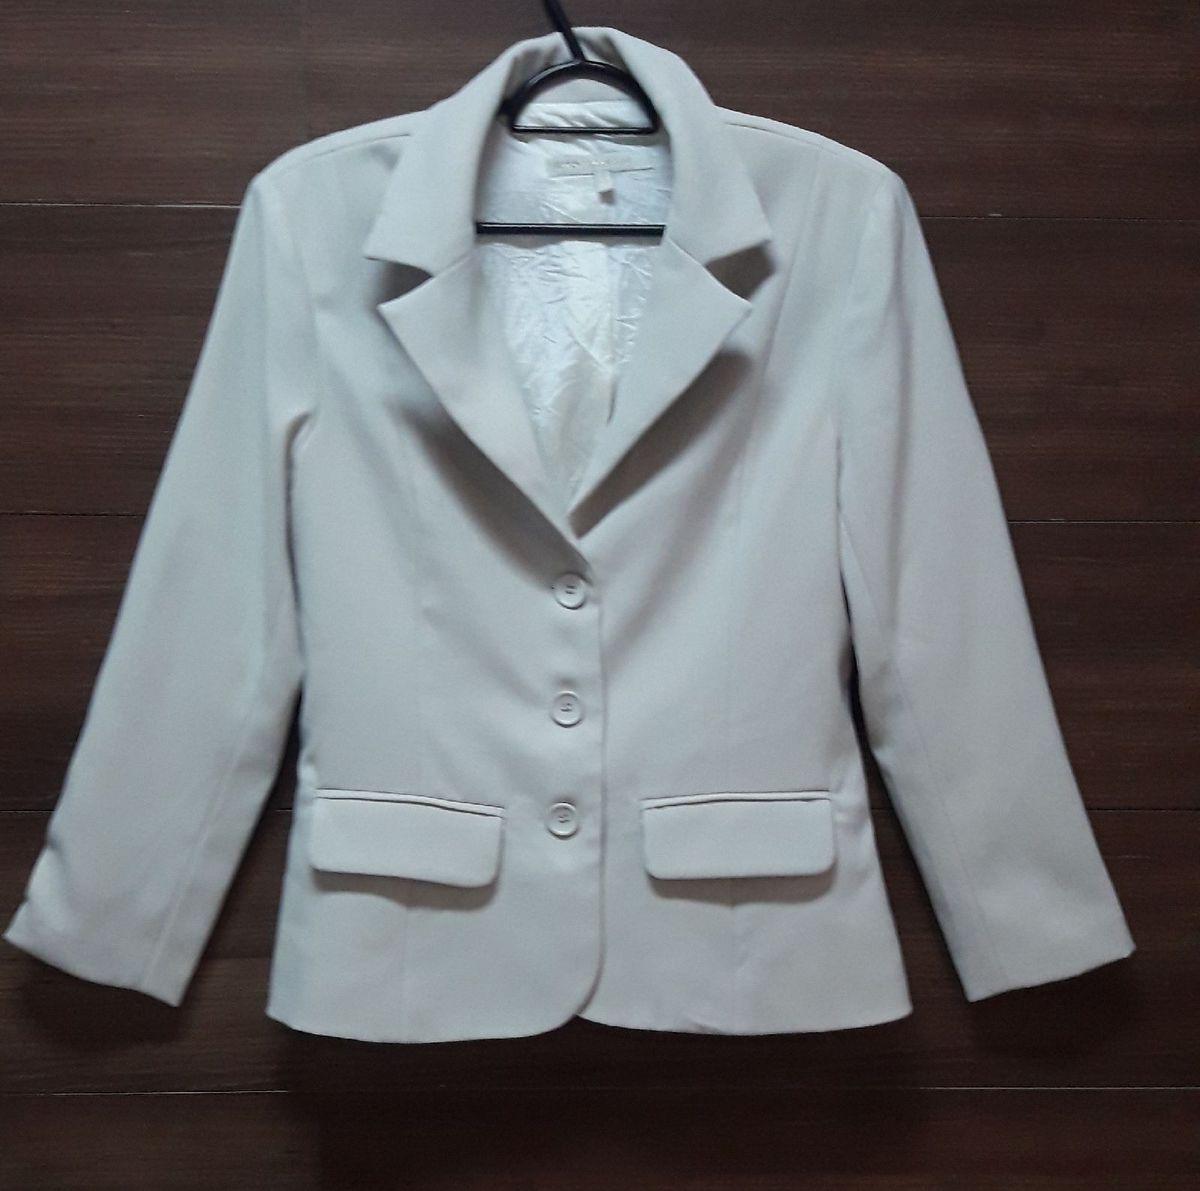 blazer shop 126 - casaquinhos shop 126